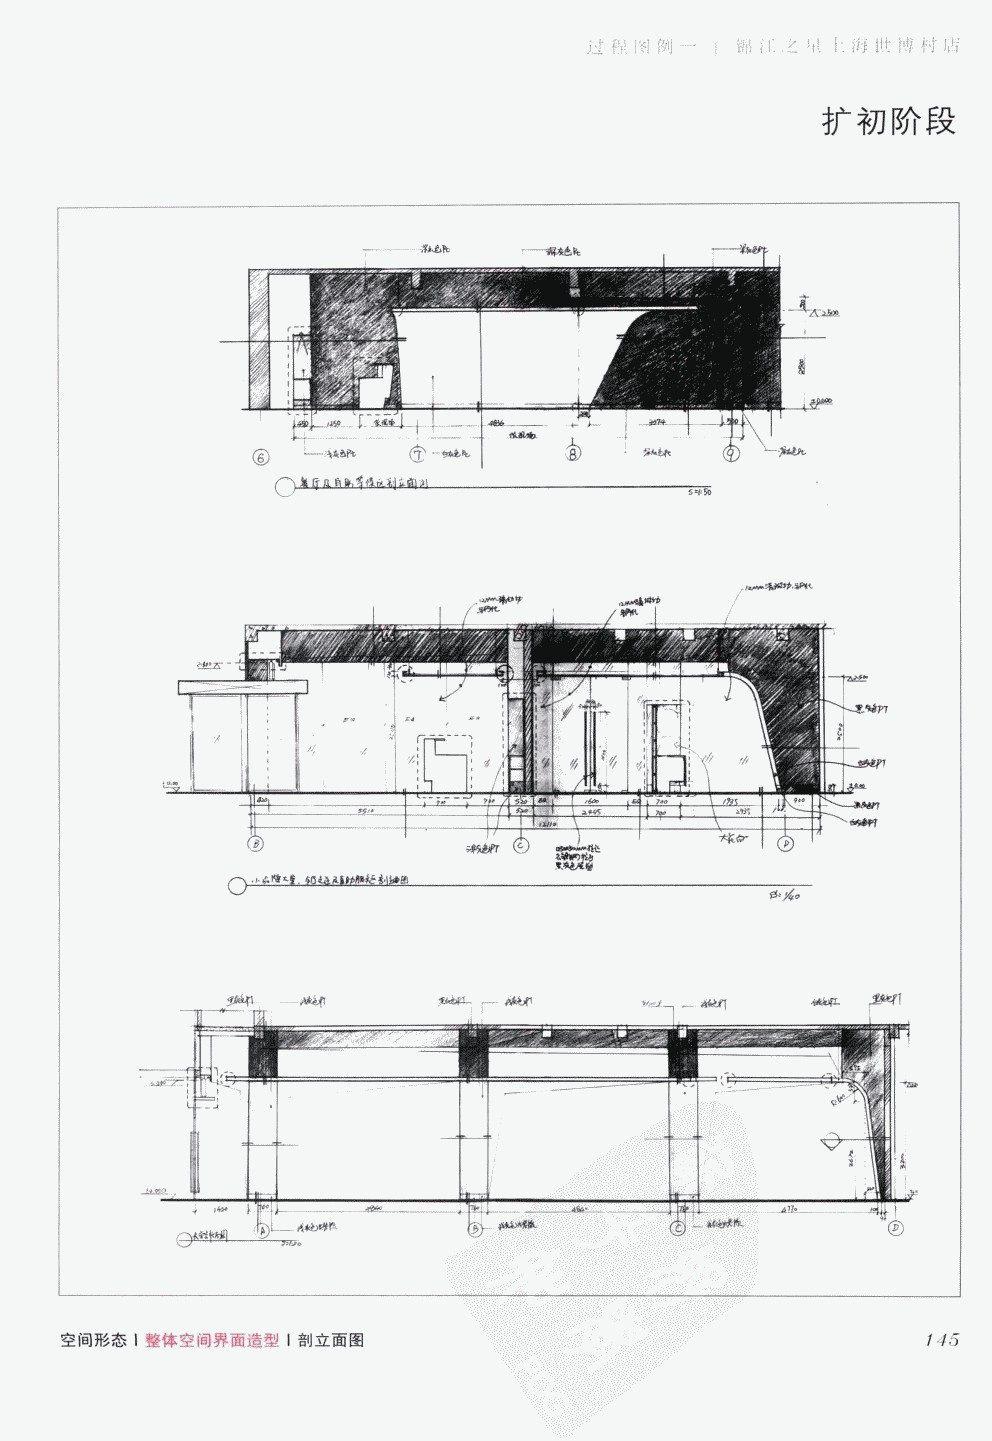 室内设计纲要++概念思考与过程表达_室内设计纲要  概念思考与过程表达_1297982..._页面_153.jpg